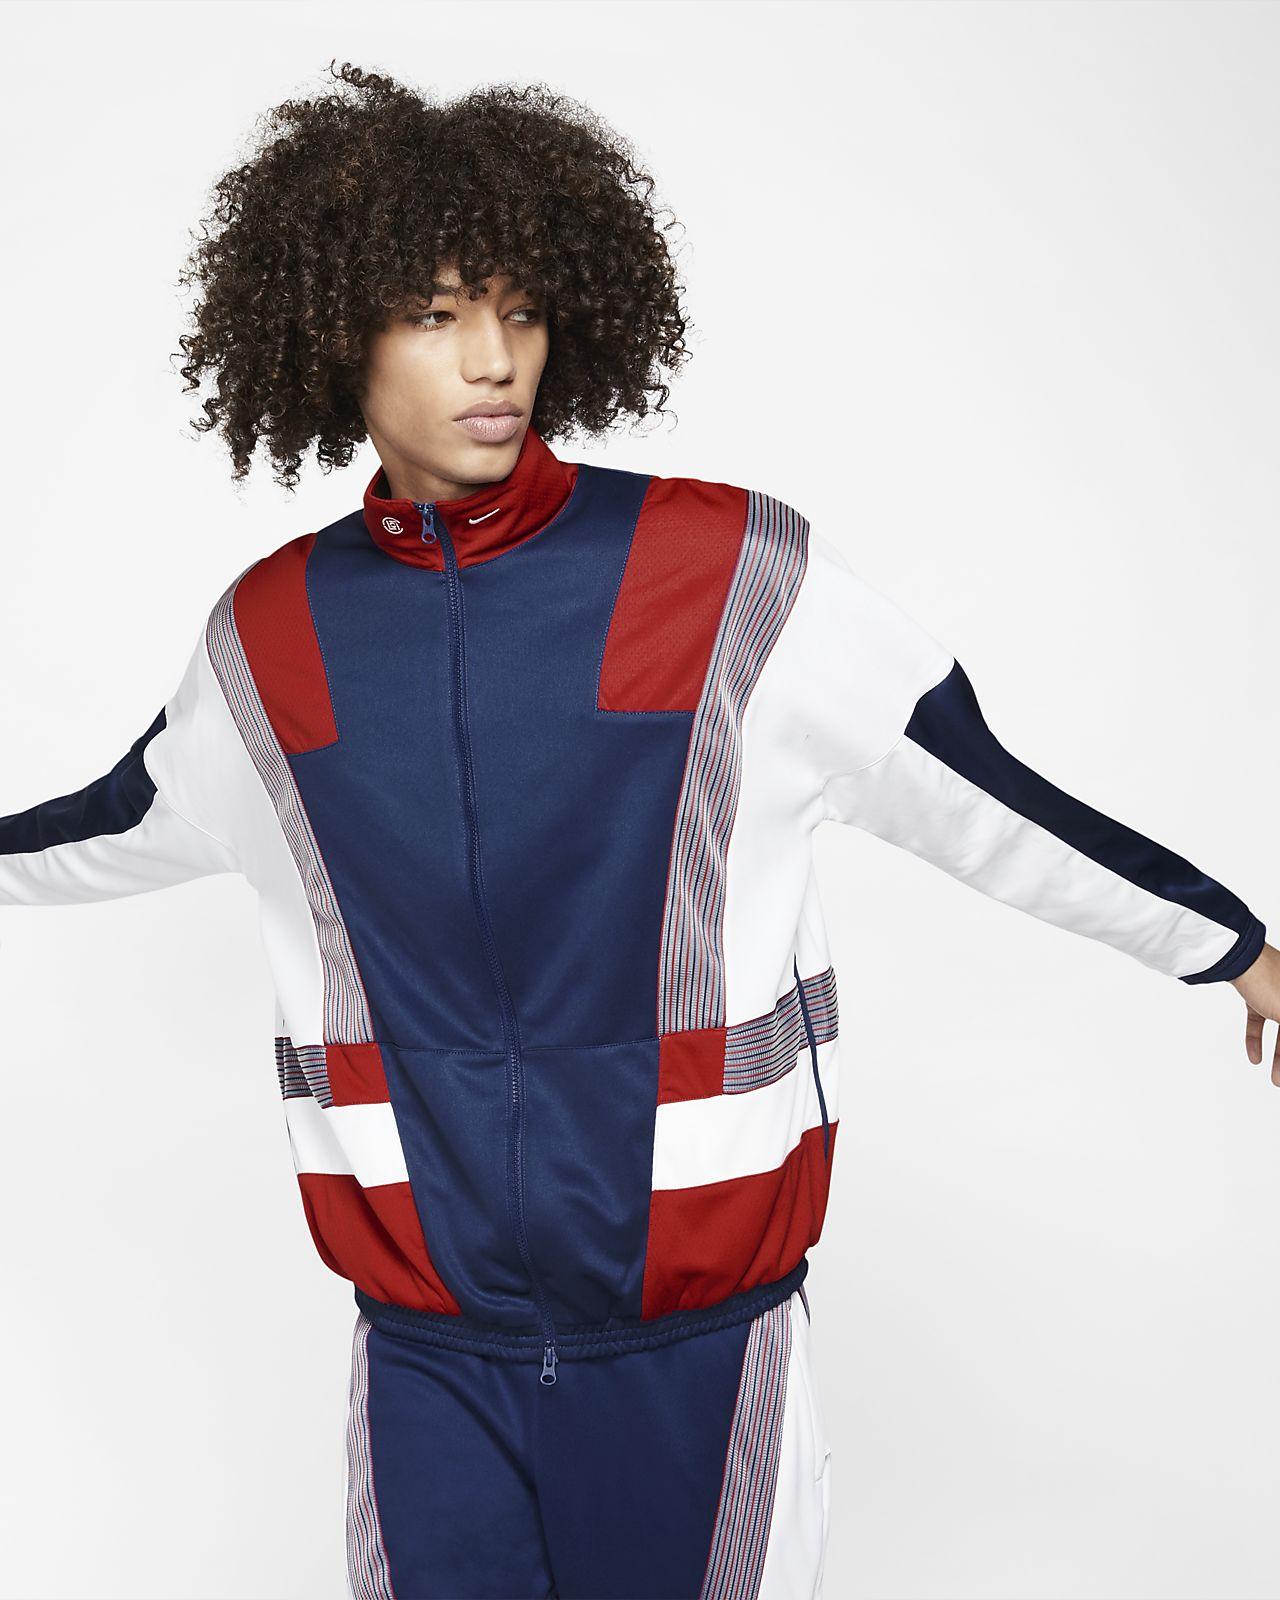 Nike x CLOT 男子梭织运动套装